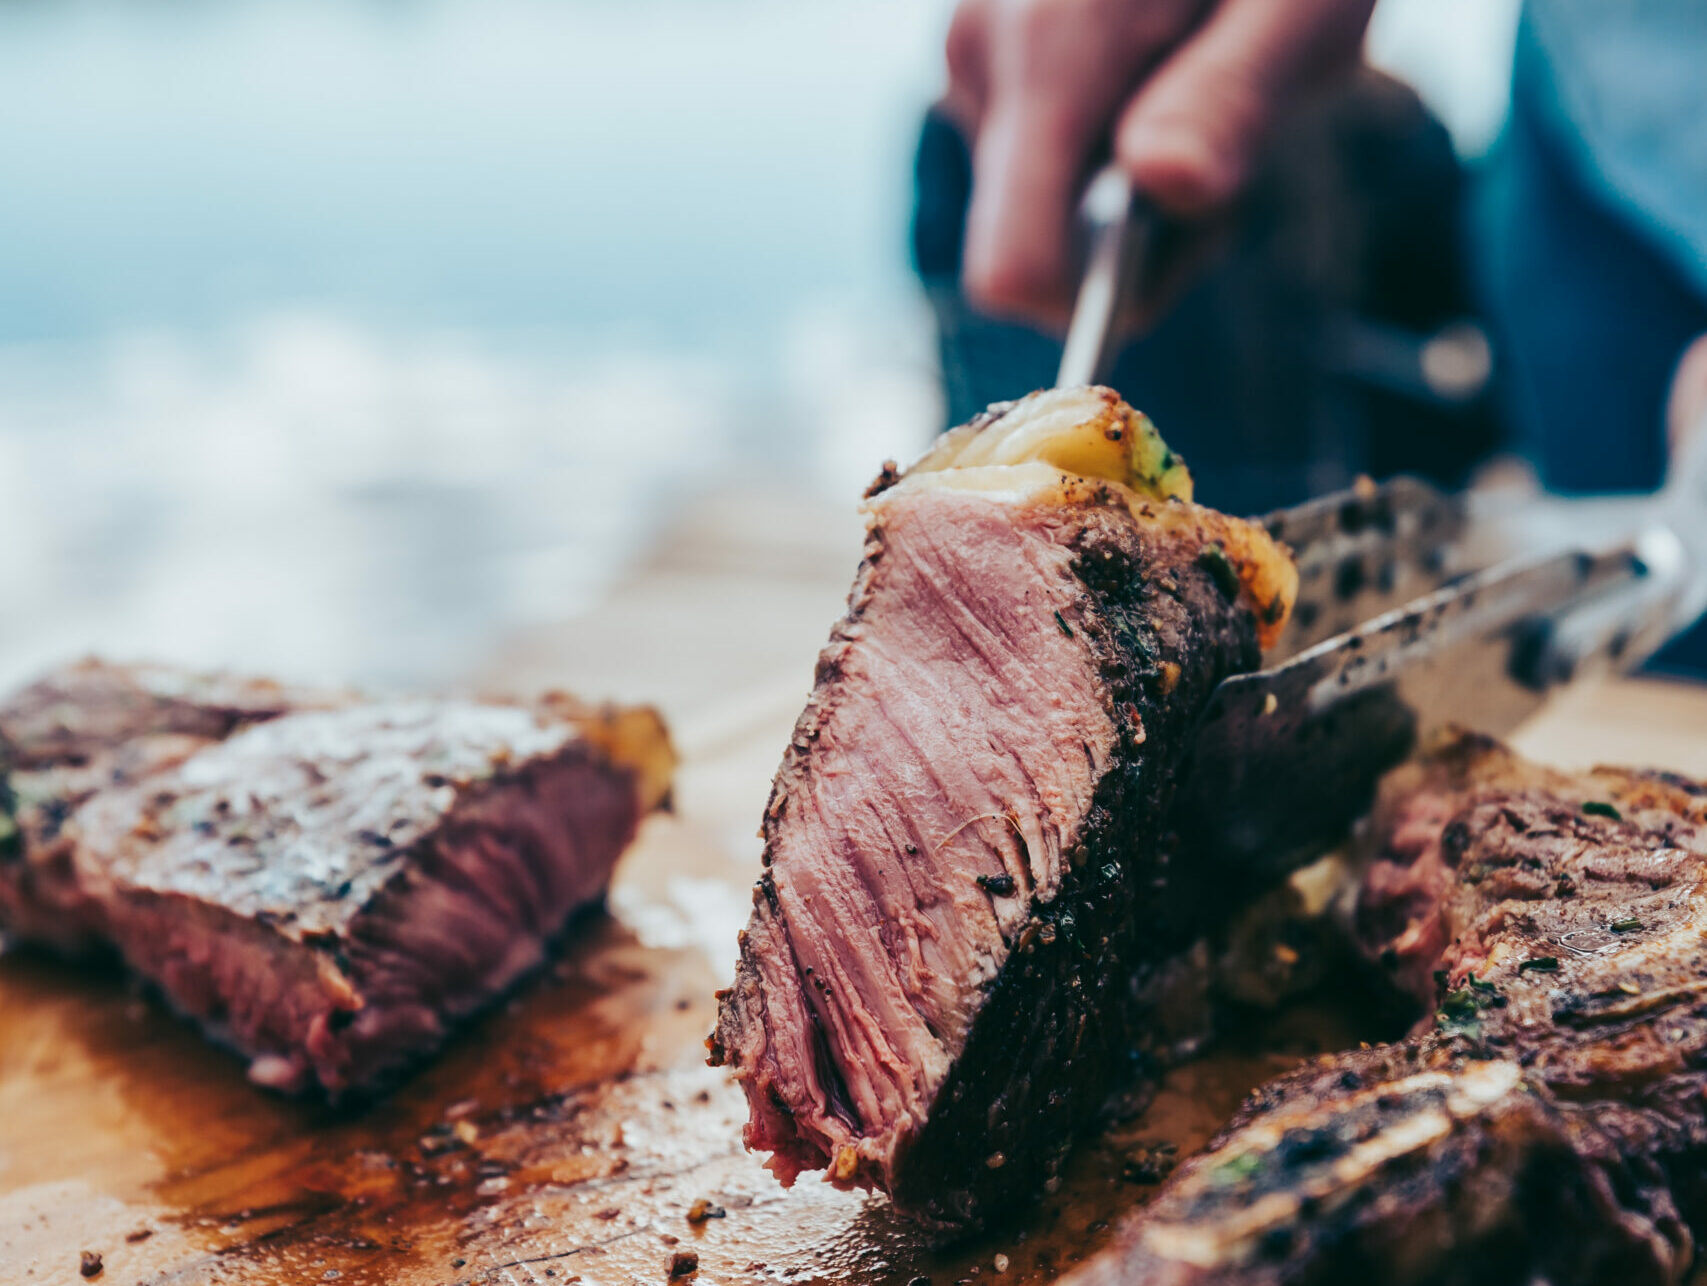 Melt off the bone steak ready for serving